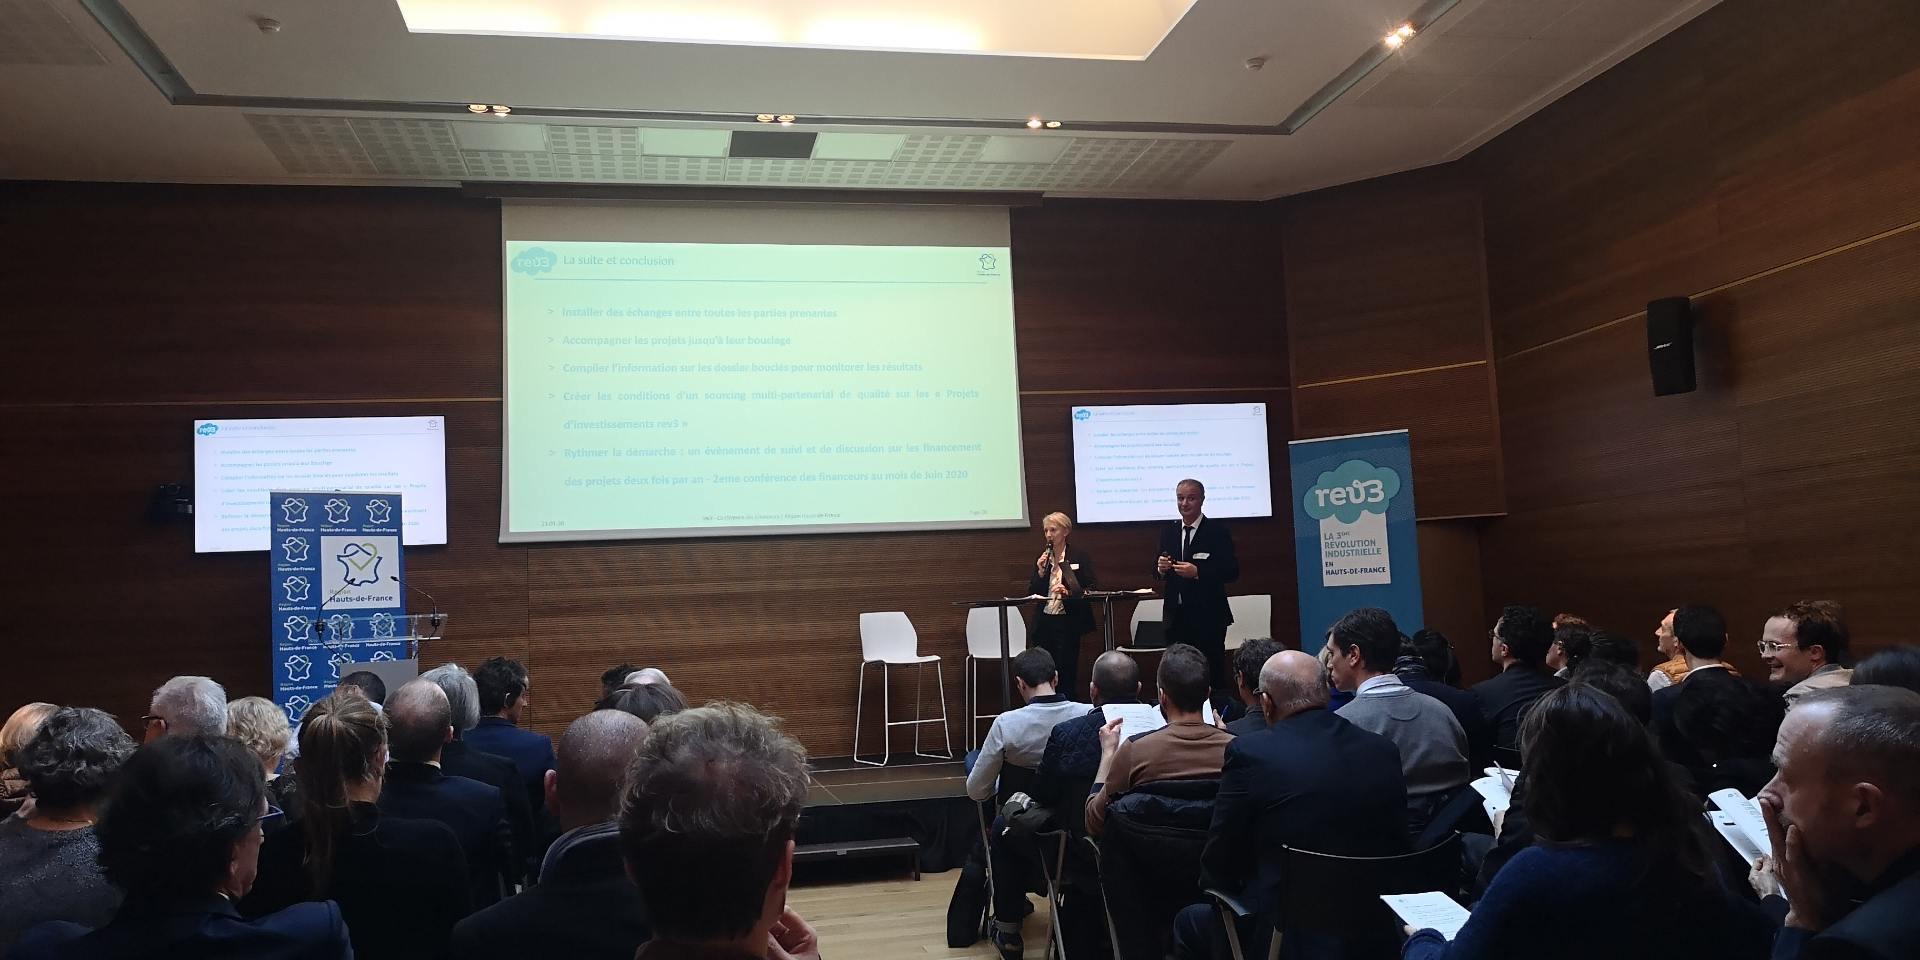 L'@AggloStQuentin est présente à la conférence des financeurs @rev3 ℹ️agglo-saintquentinois.fr/actualites-109… twitter.com/rev3/status/12…